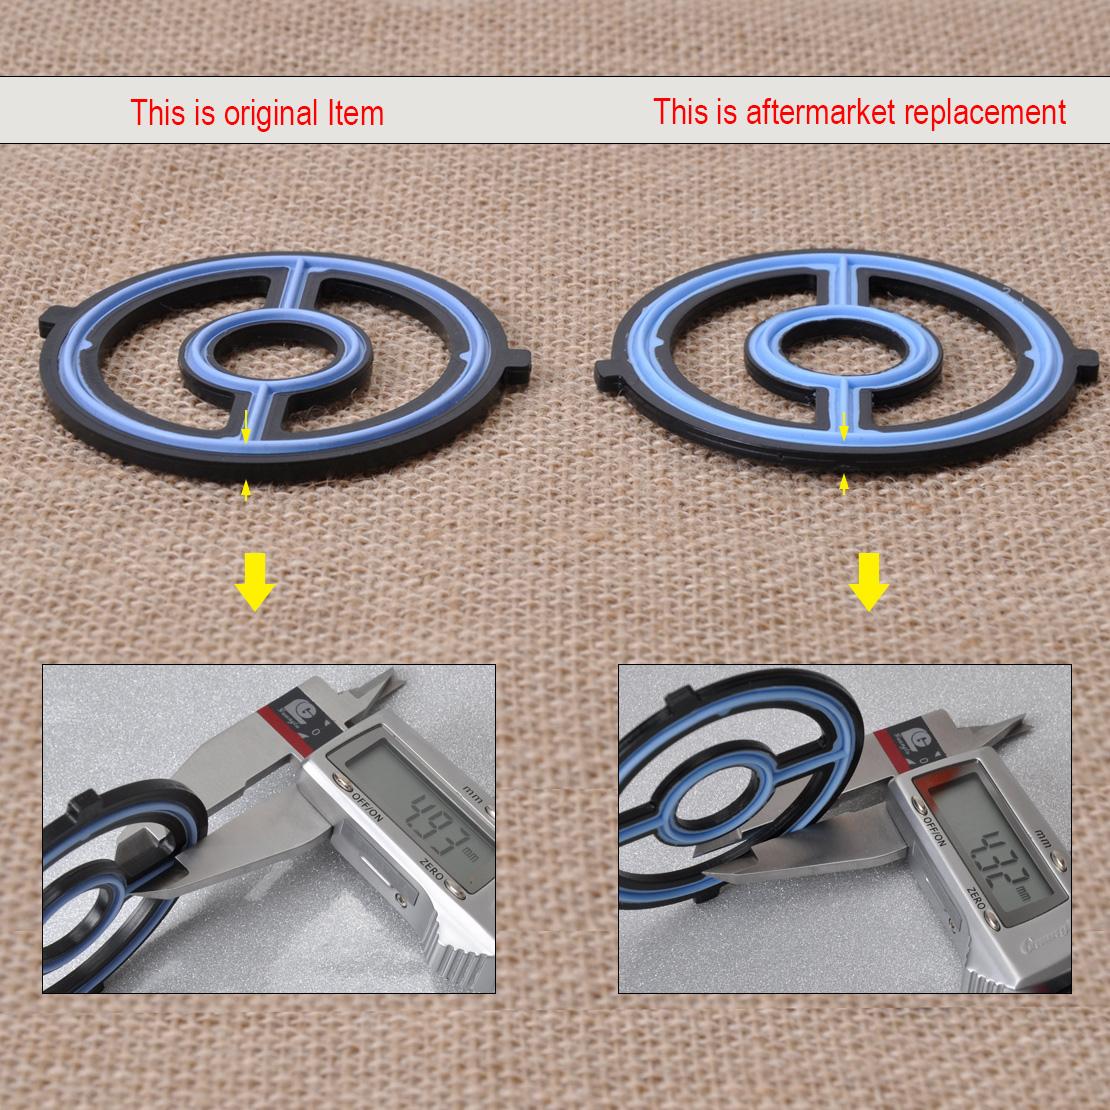 Engine Oil Cooler Seal Gasket For Mazda Engine 3 5 6 Cx 7: Oil Cooler Gasket Seal For Mazda 3 Speed3 6 Speed6 CX-7 2